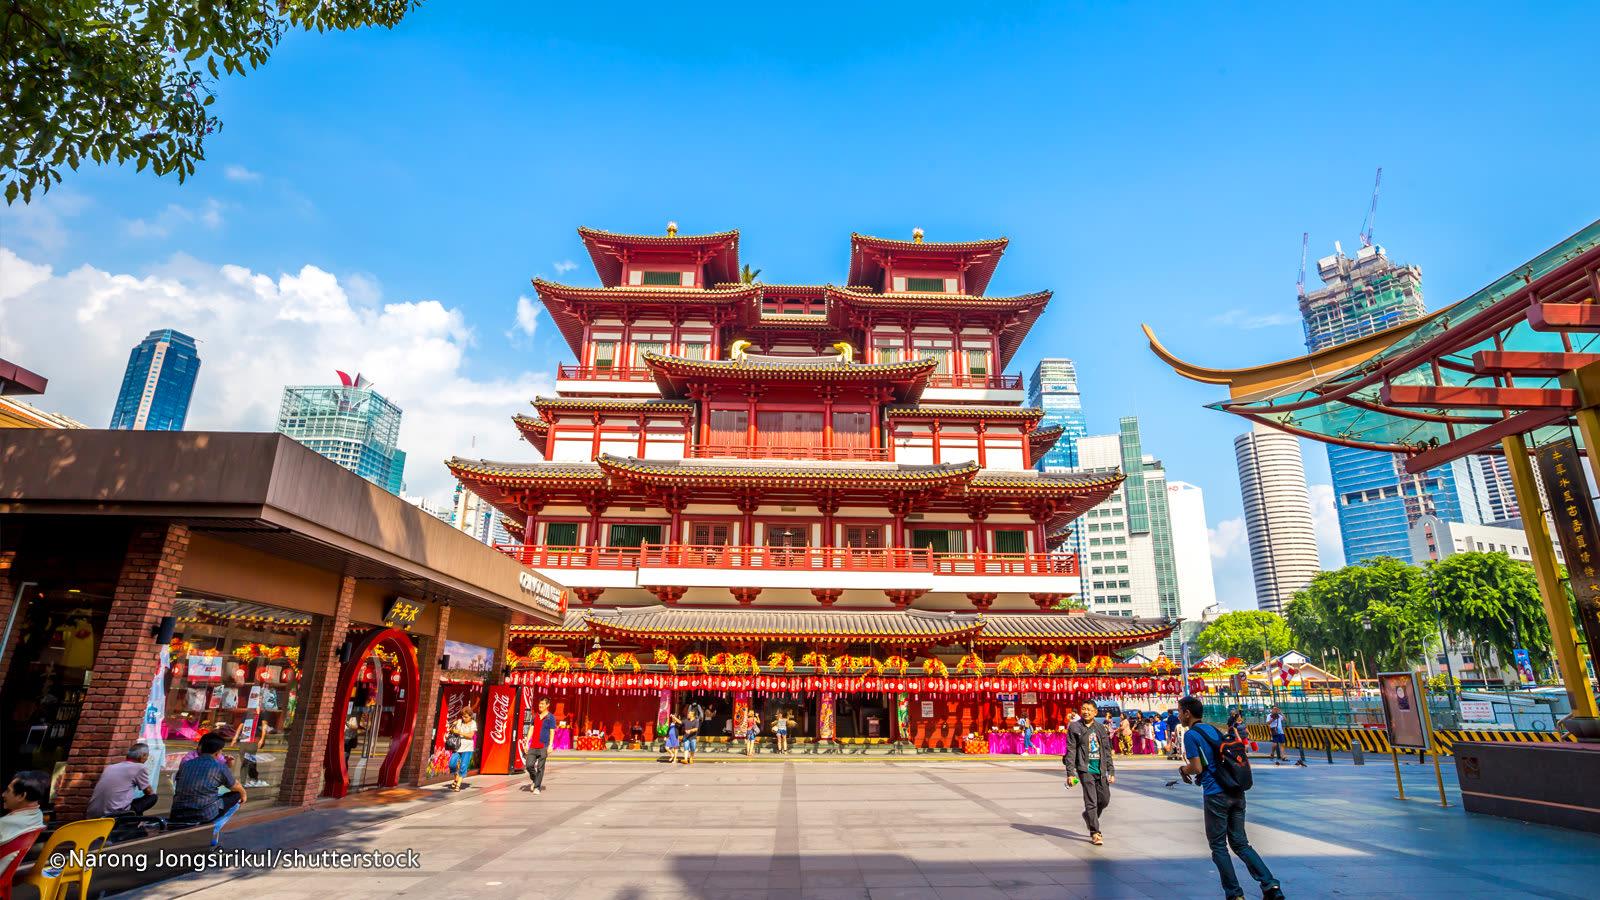 china town là một trong những khu văn hóa mới ở singapore